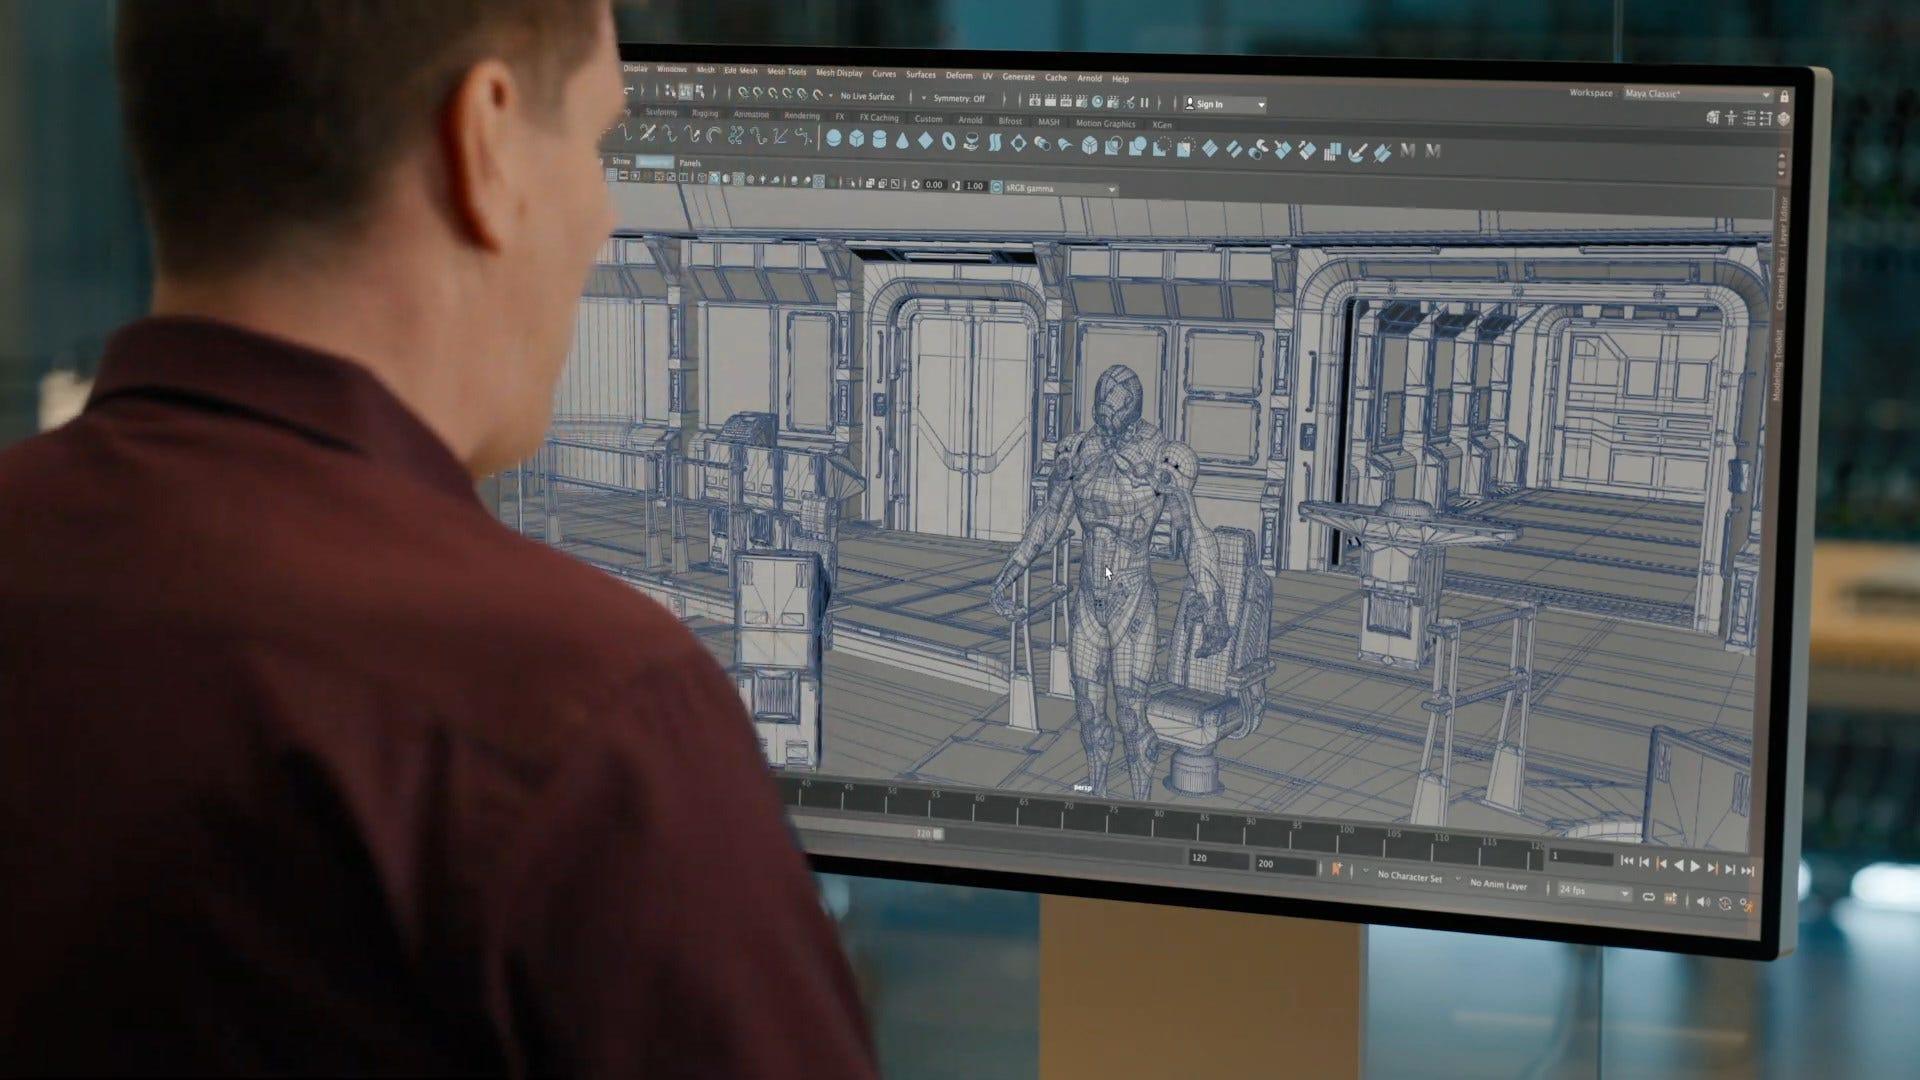 Man looks at monitor, an early ARM-based Mac running Maya.